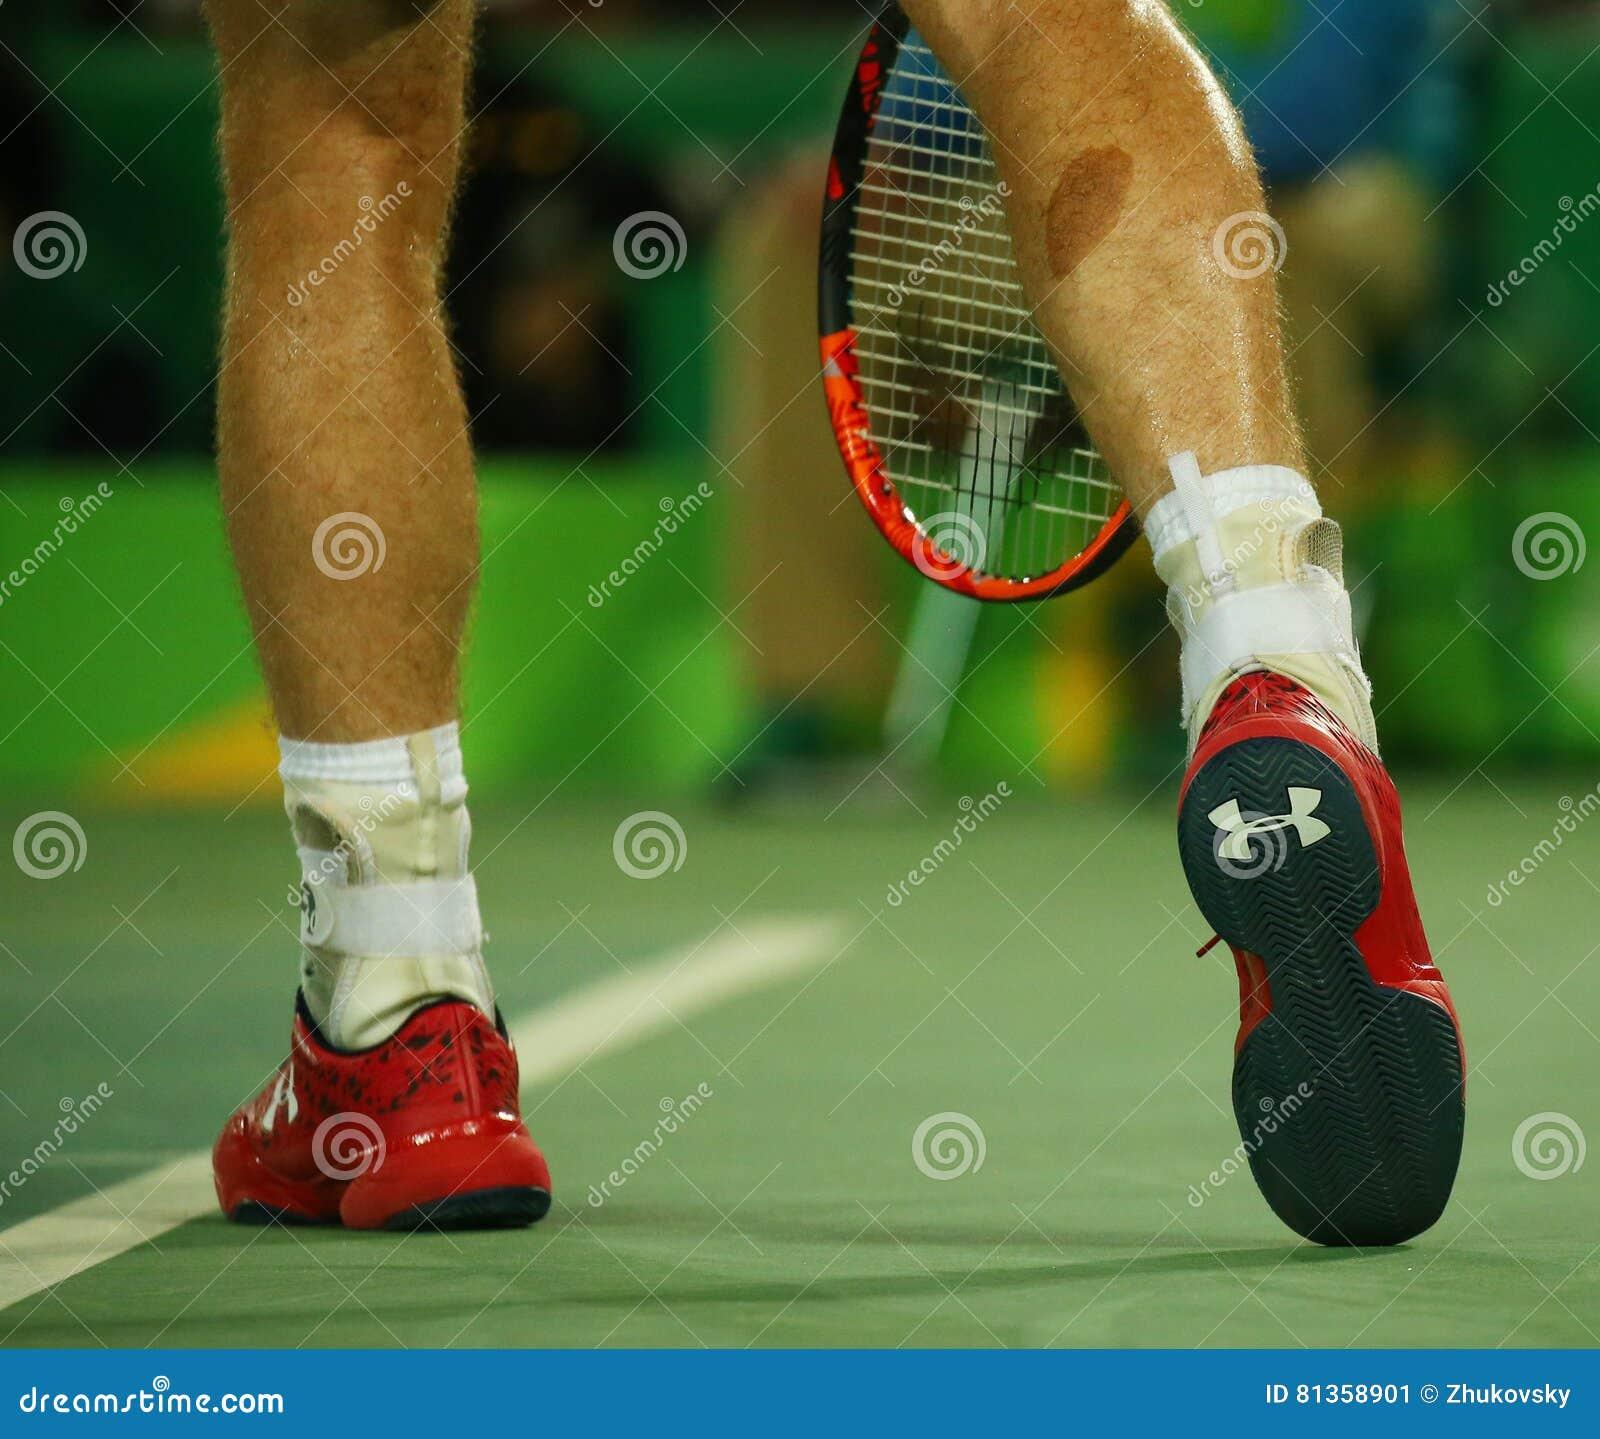 De Lleva Campeón Debajo Bretaña Olímpico Aduana Andy El Murray Gran PuXkZi